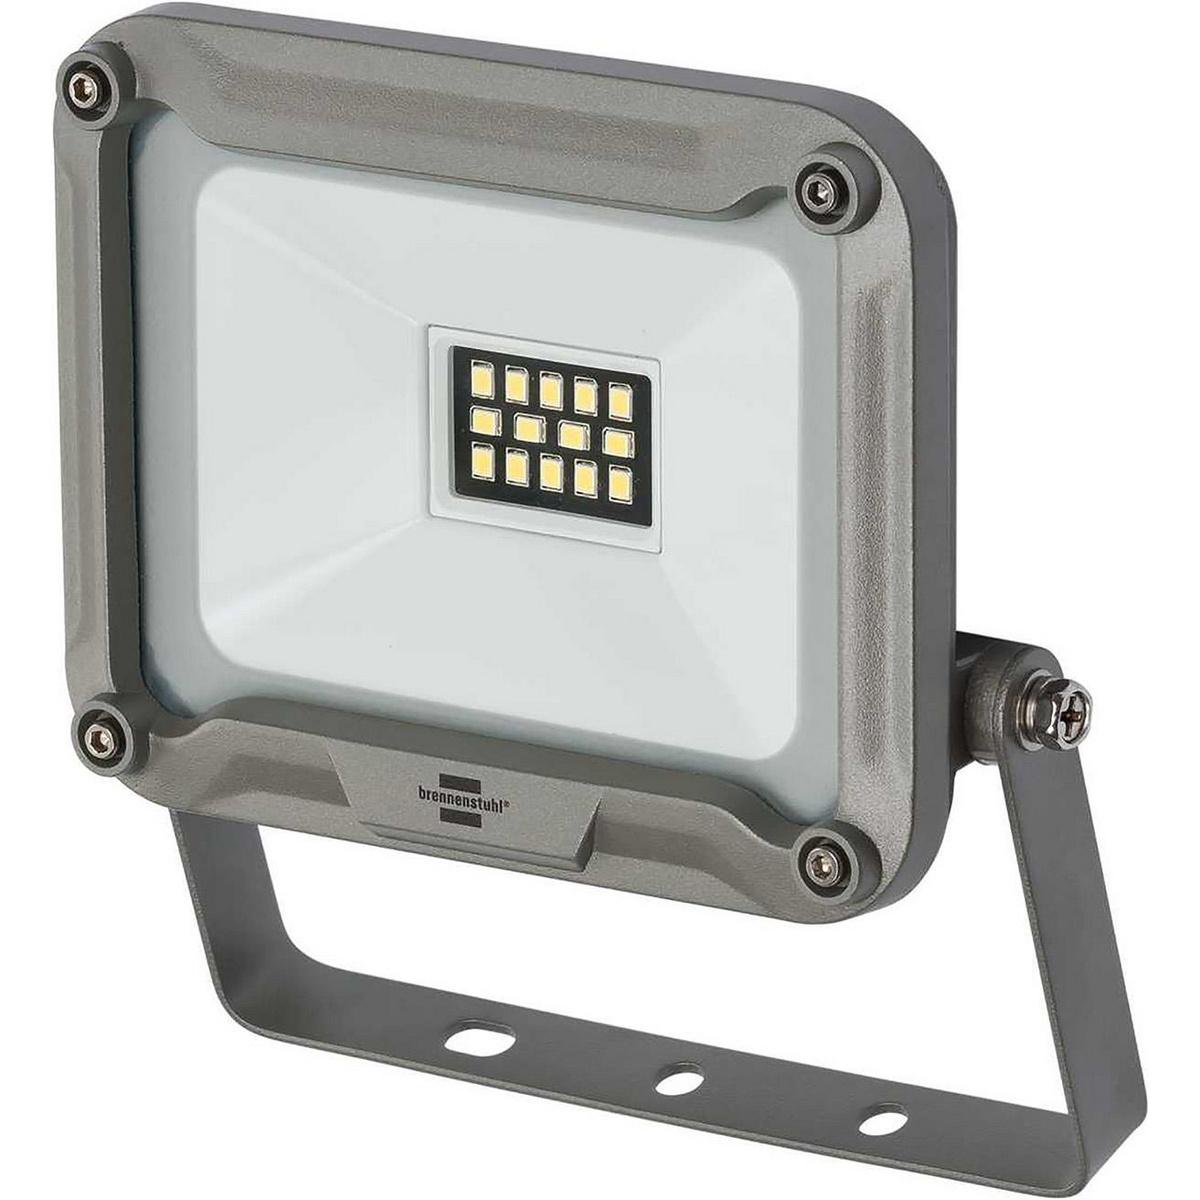 LED-Licht mit extra hellen Everlight SMD-LEDs. Benutzerfreundliche Montage durch externes, wasserdichtes Anschlussterminal. Mit Sicherheitsglas. Solides und modernes Aluminiumgehäuse. Einstellbare Halterung zur Montage. In farbenfroher Displayverpackung.